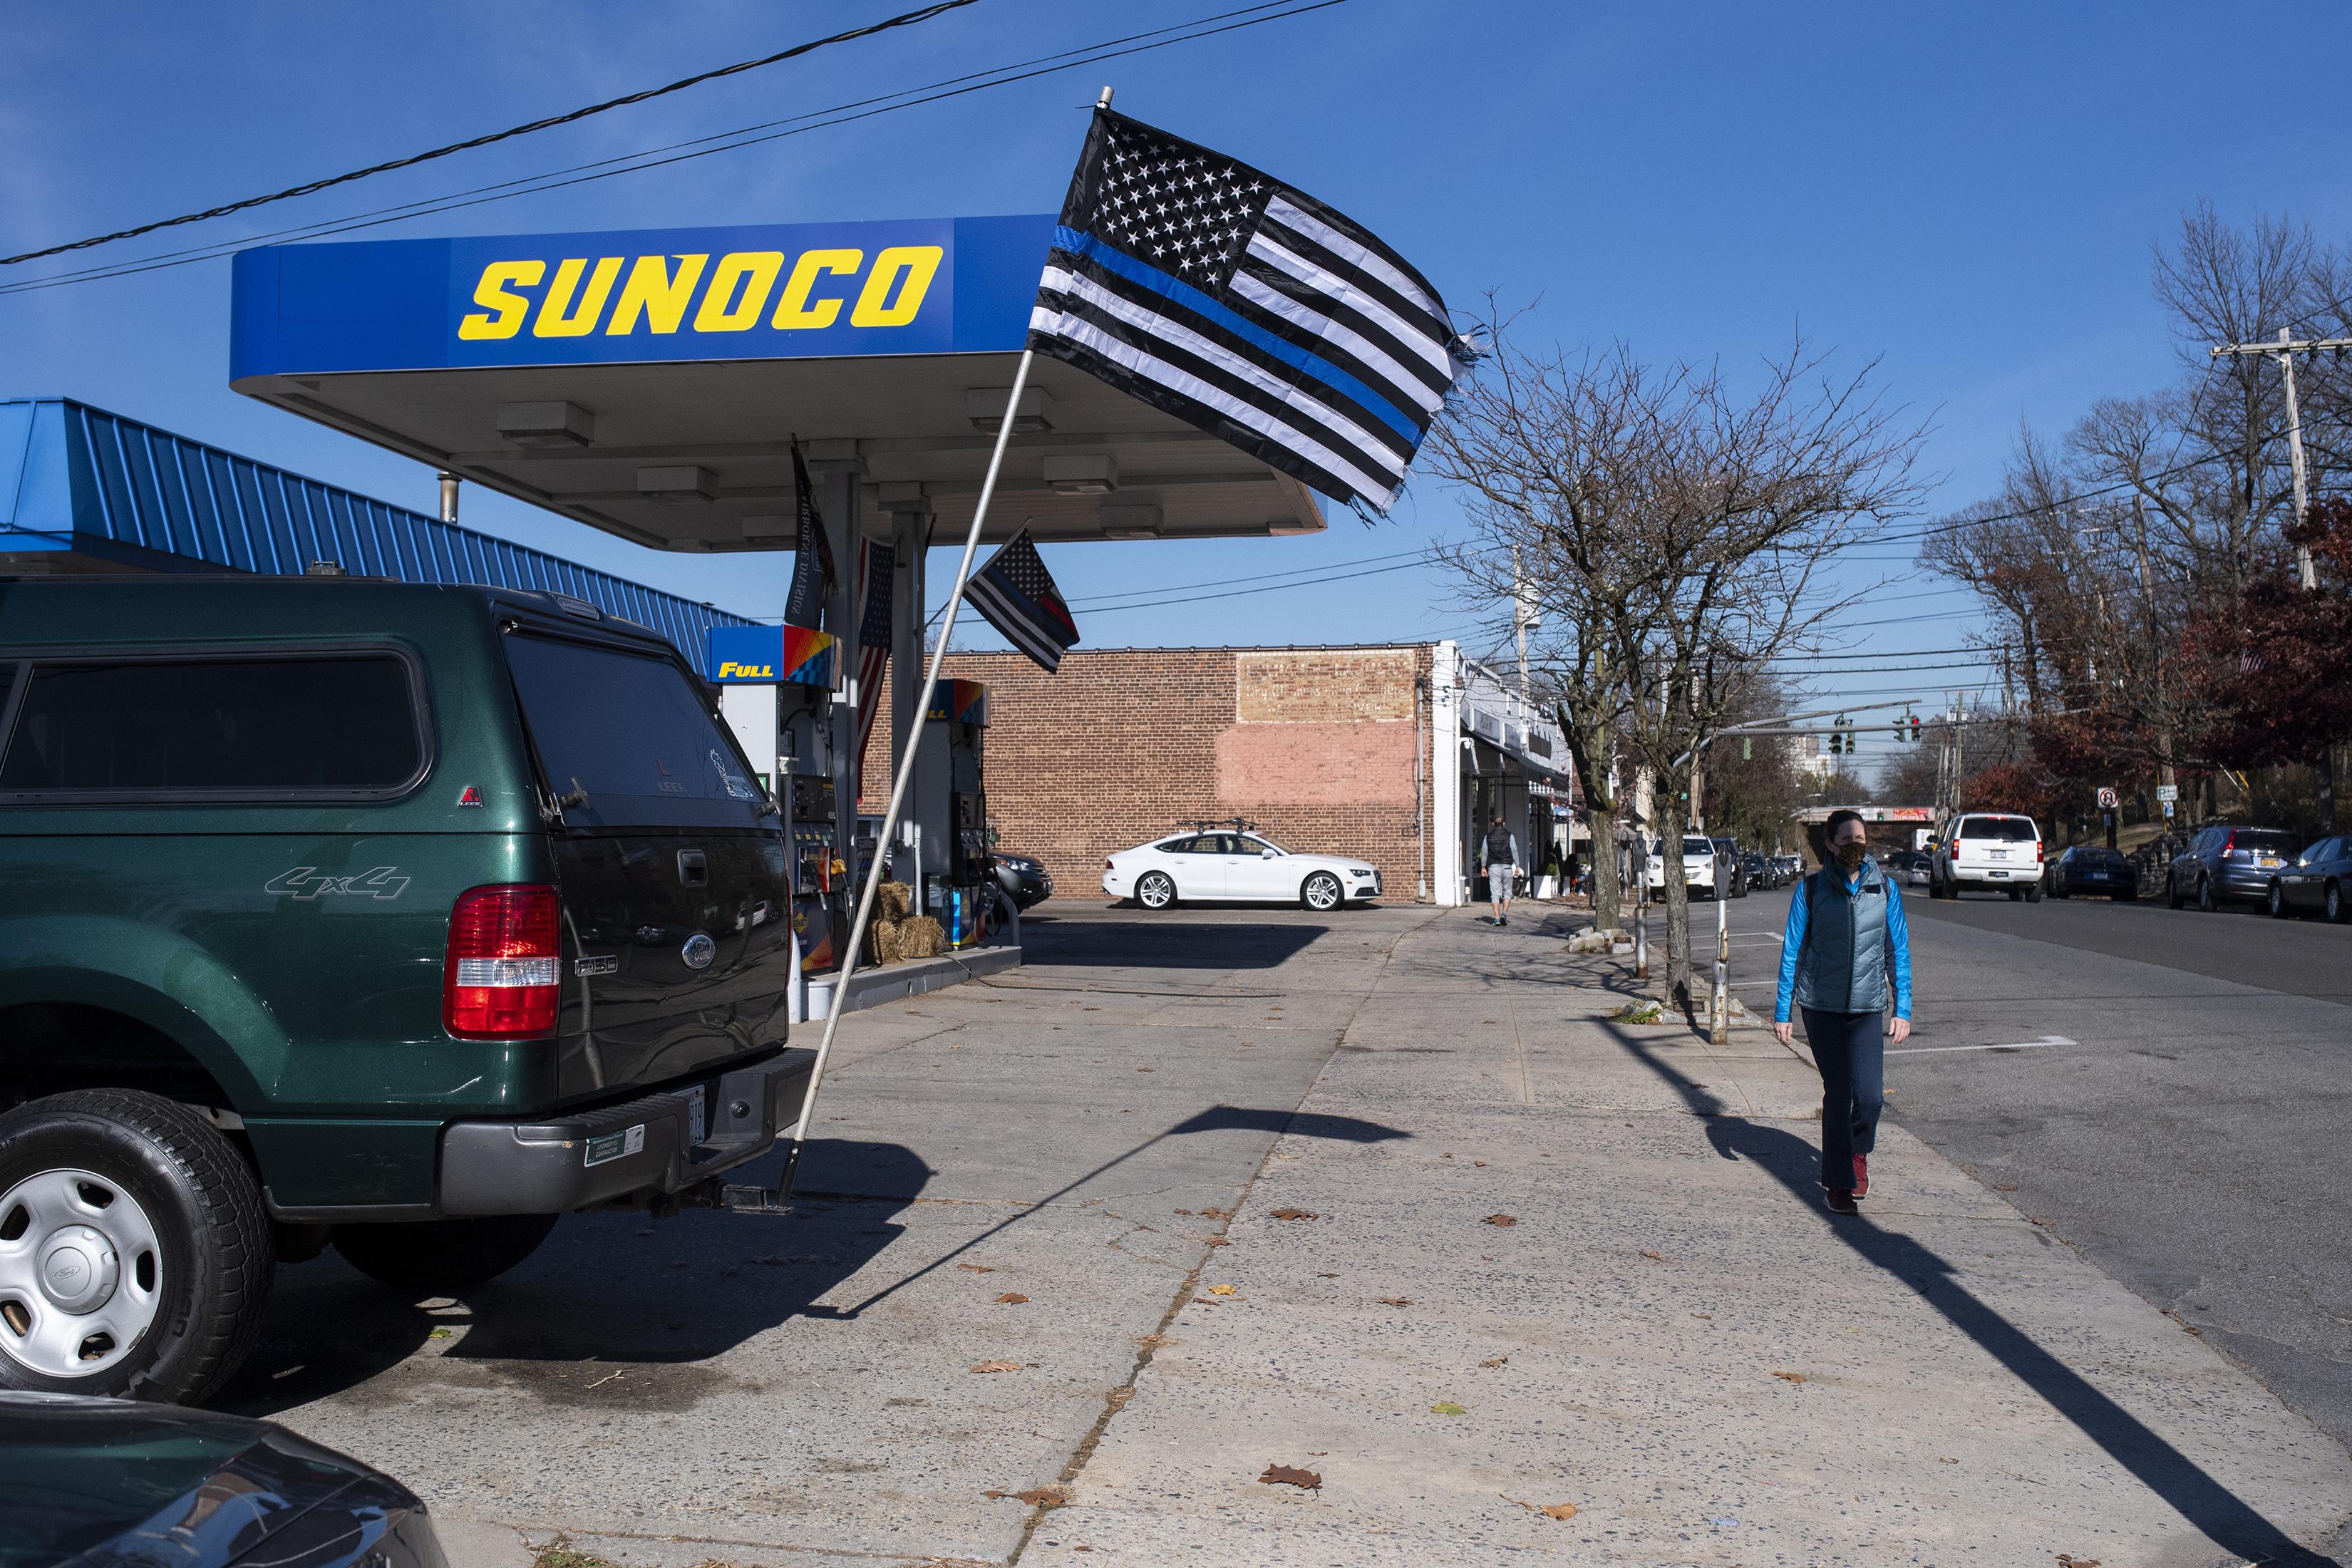 官員認為,「藍線旗」是發表政治言論的代表。 Gregg Vigliotti/紐約時報